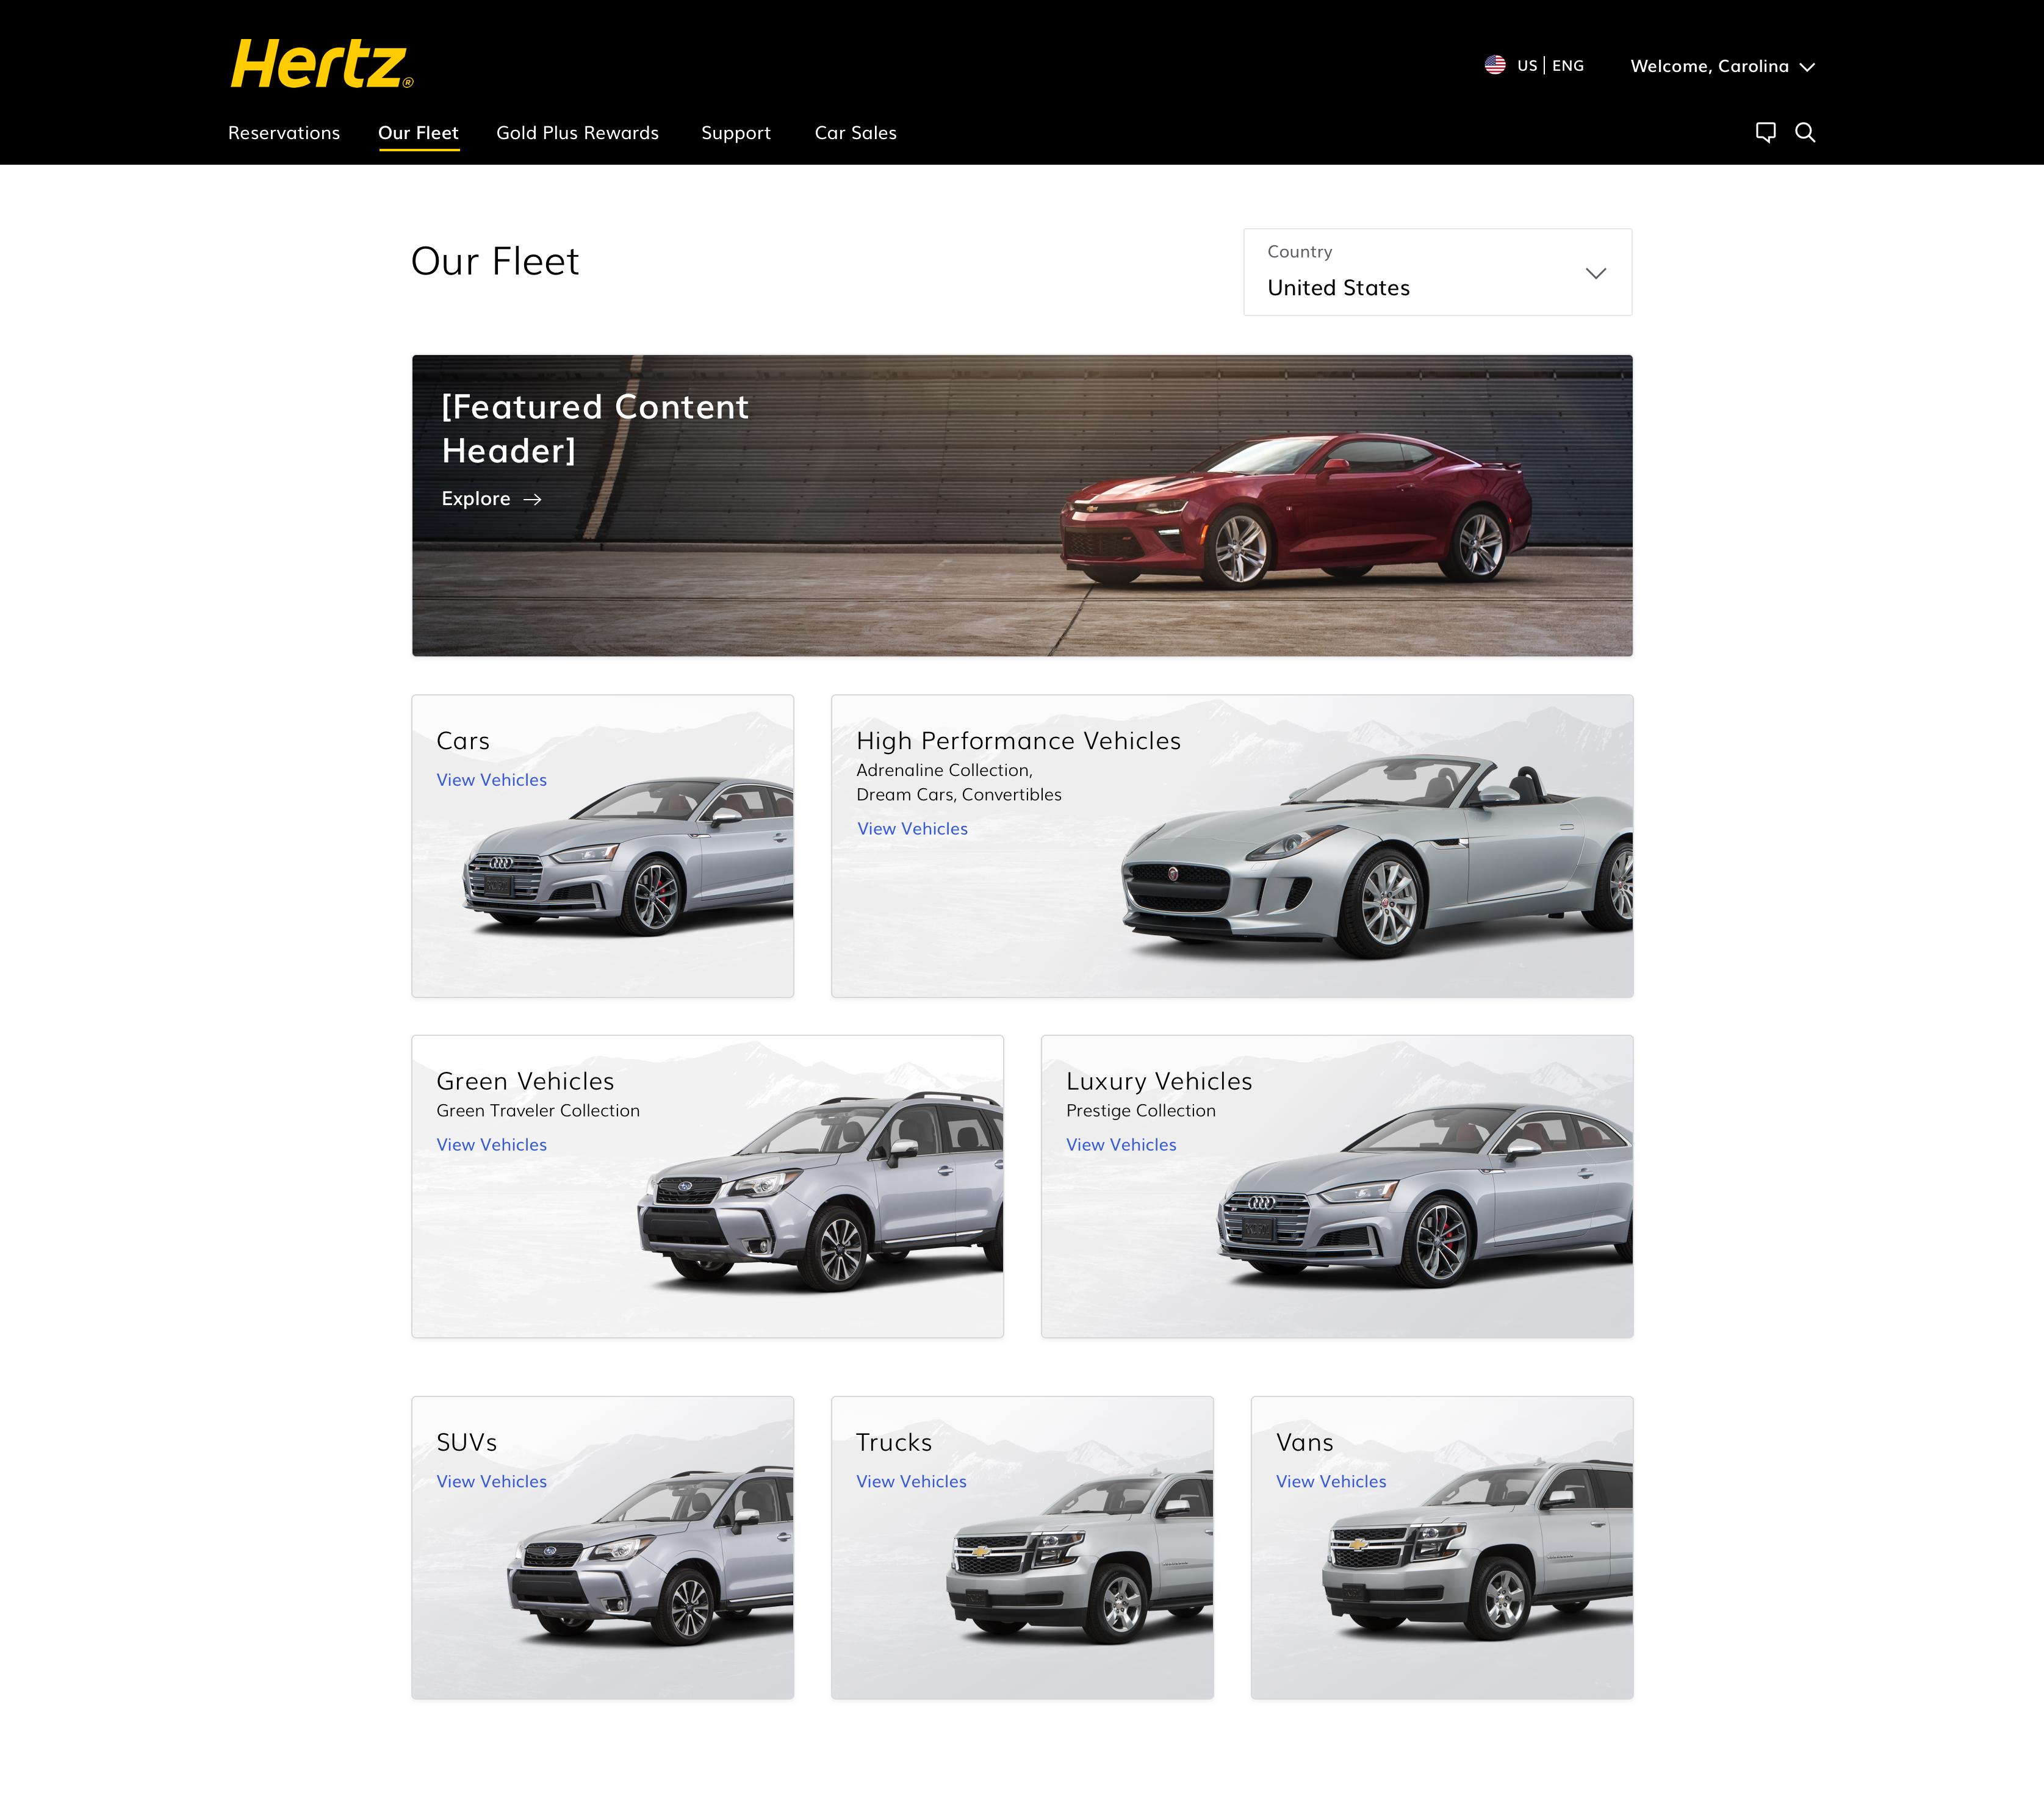 hertz_fleet